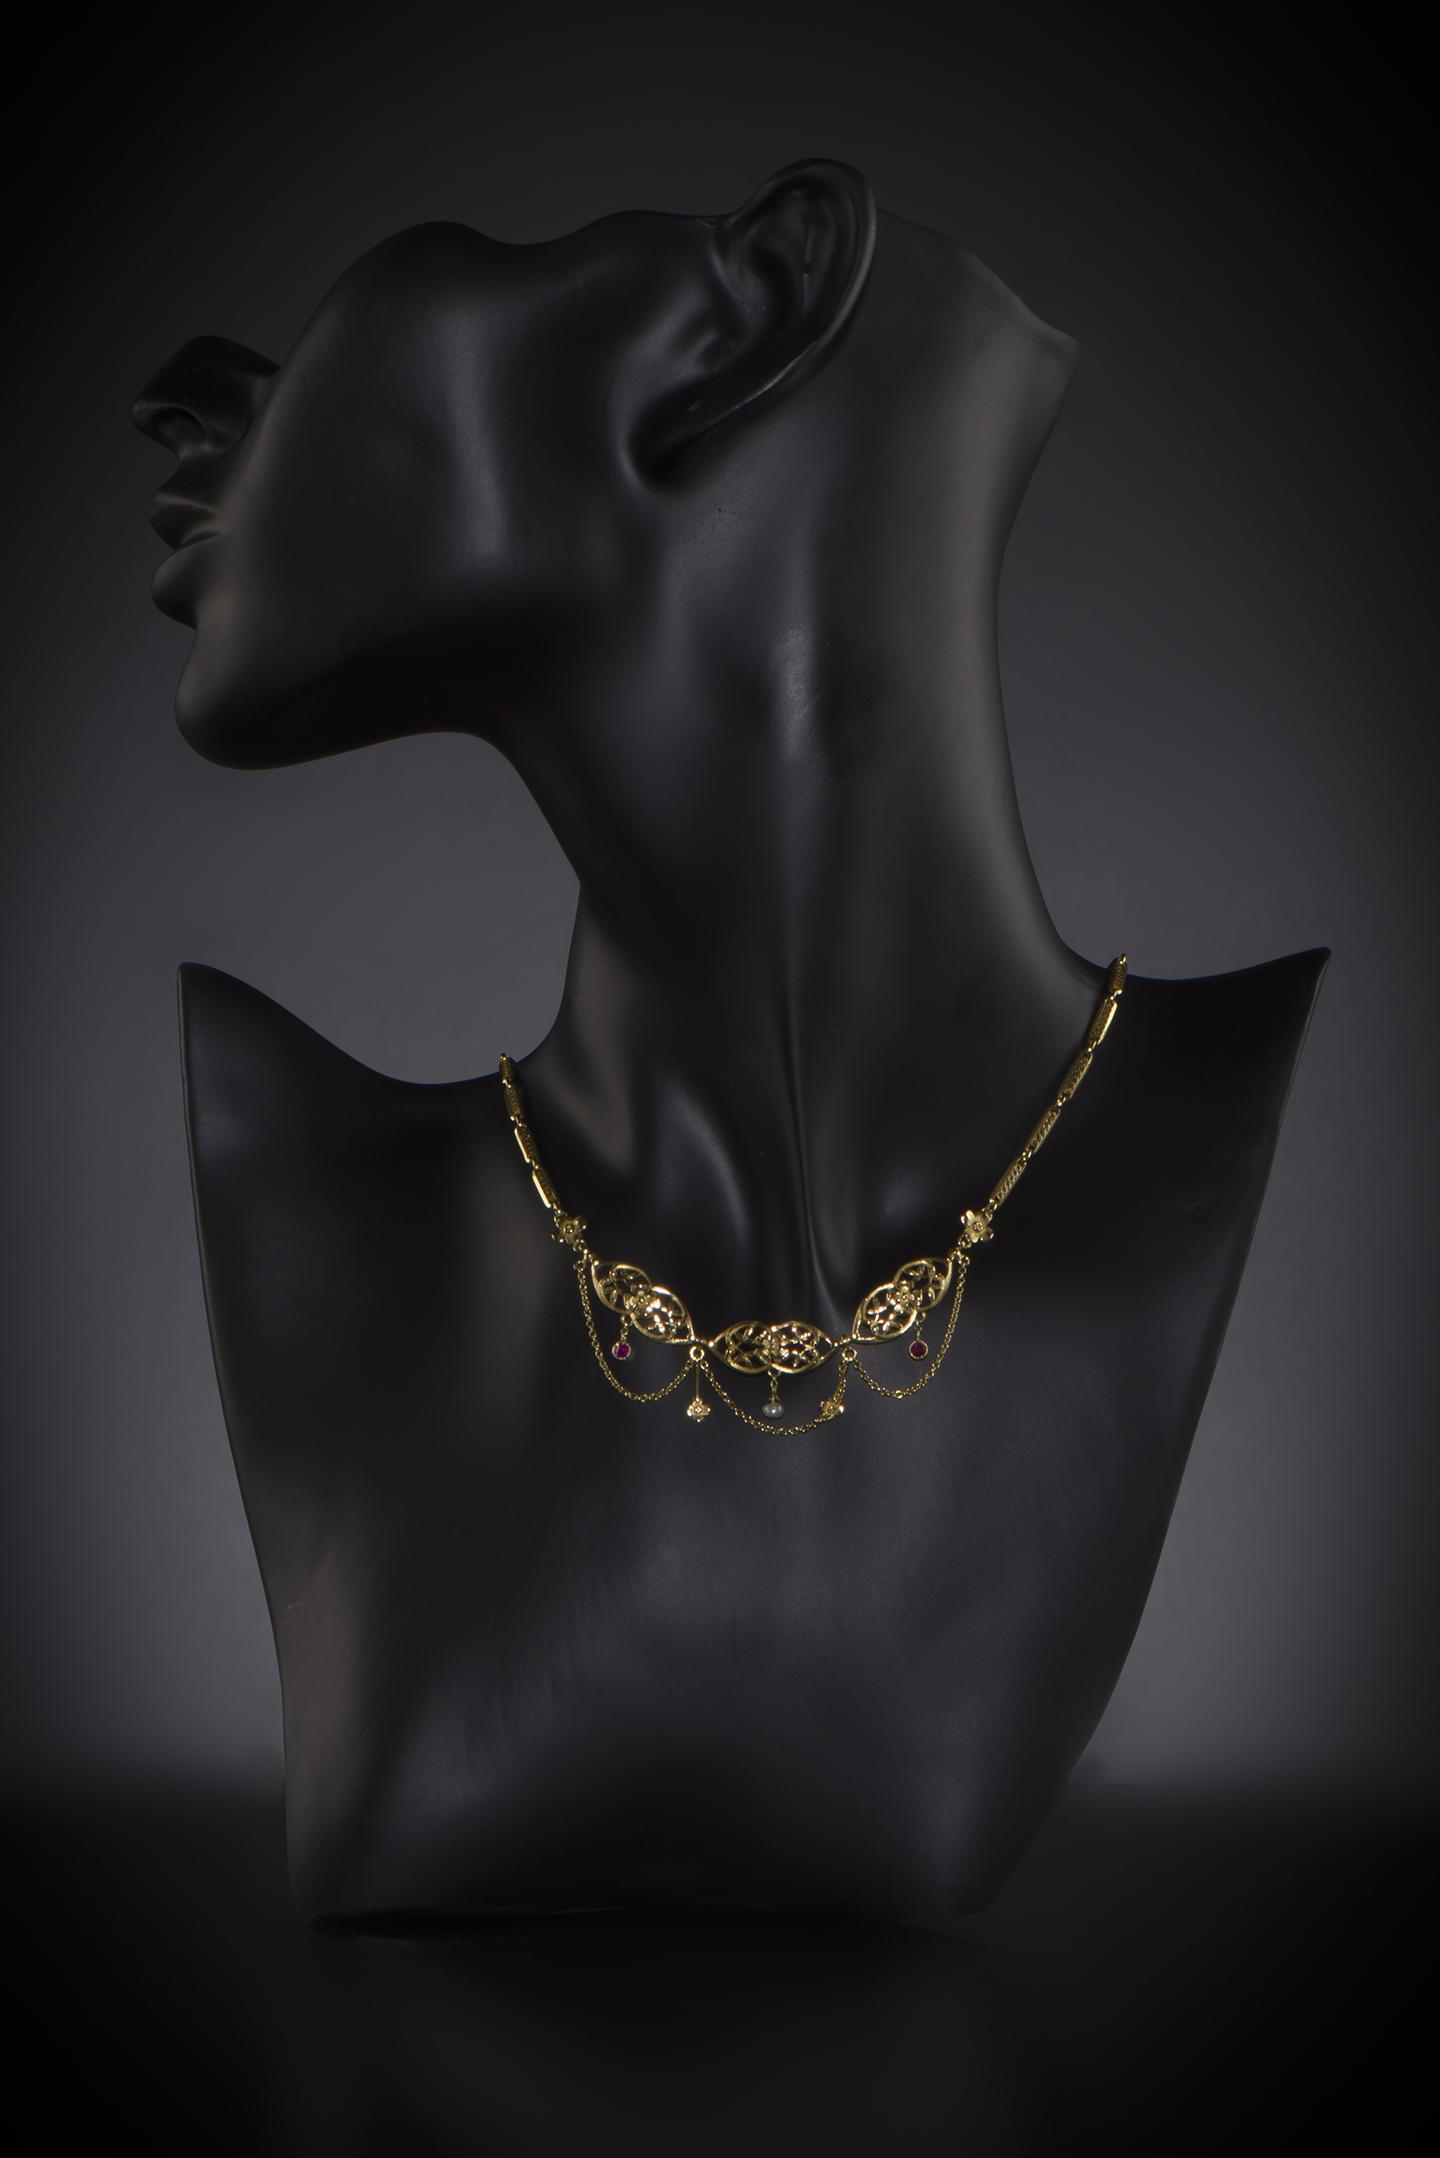 Collier rubis perles fines début XXe siècle-2